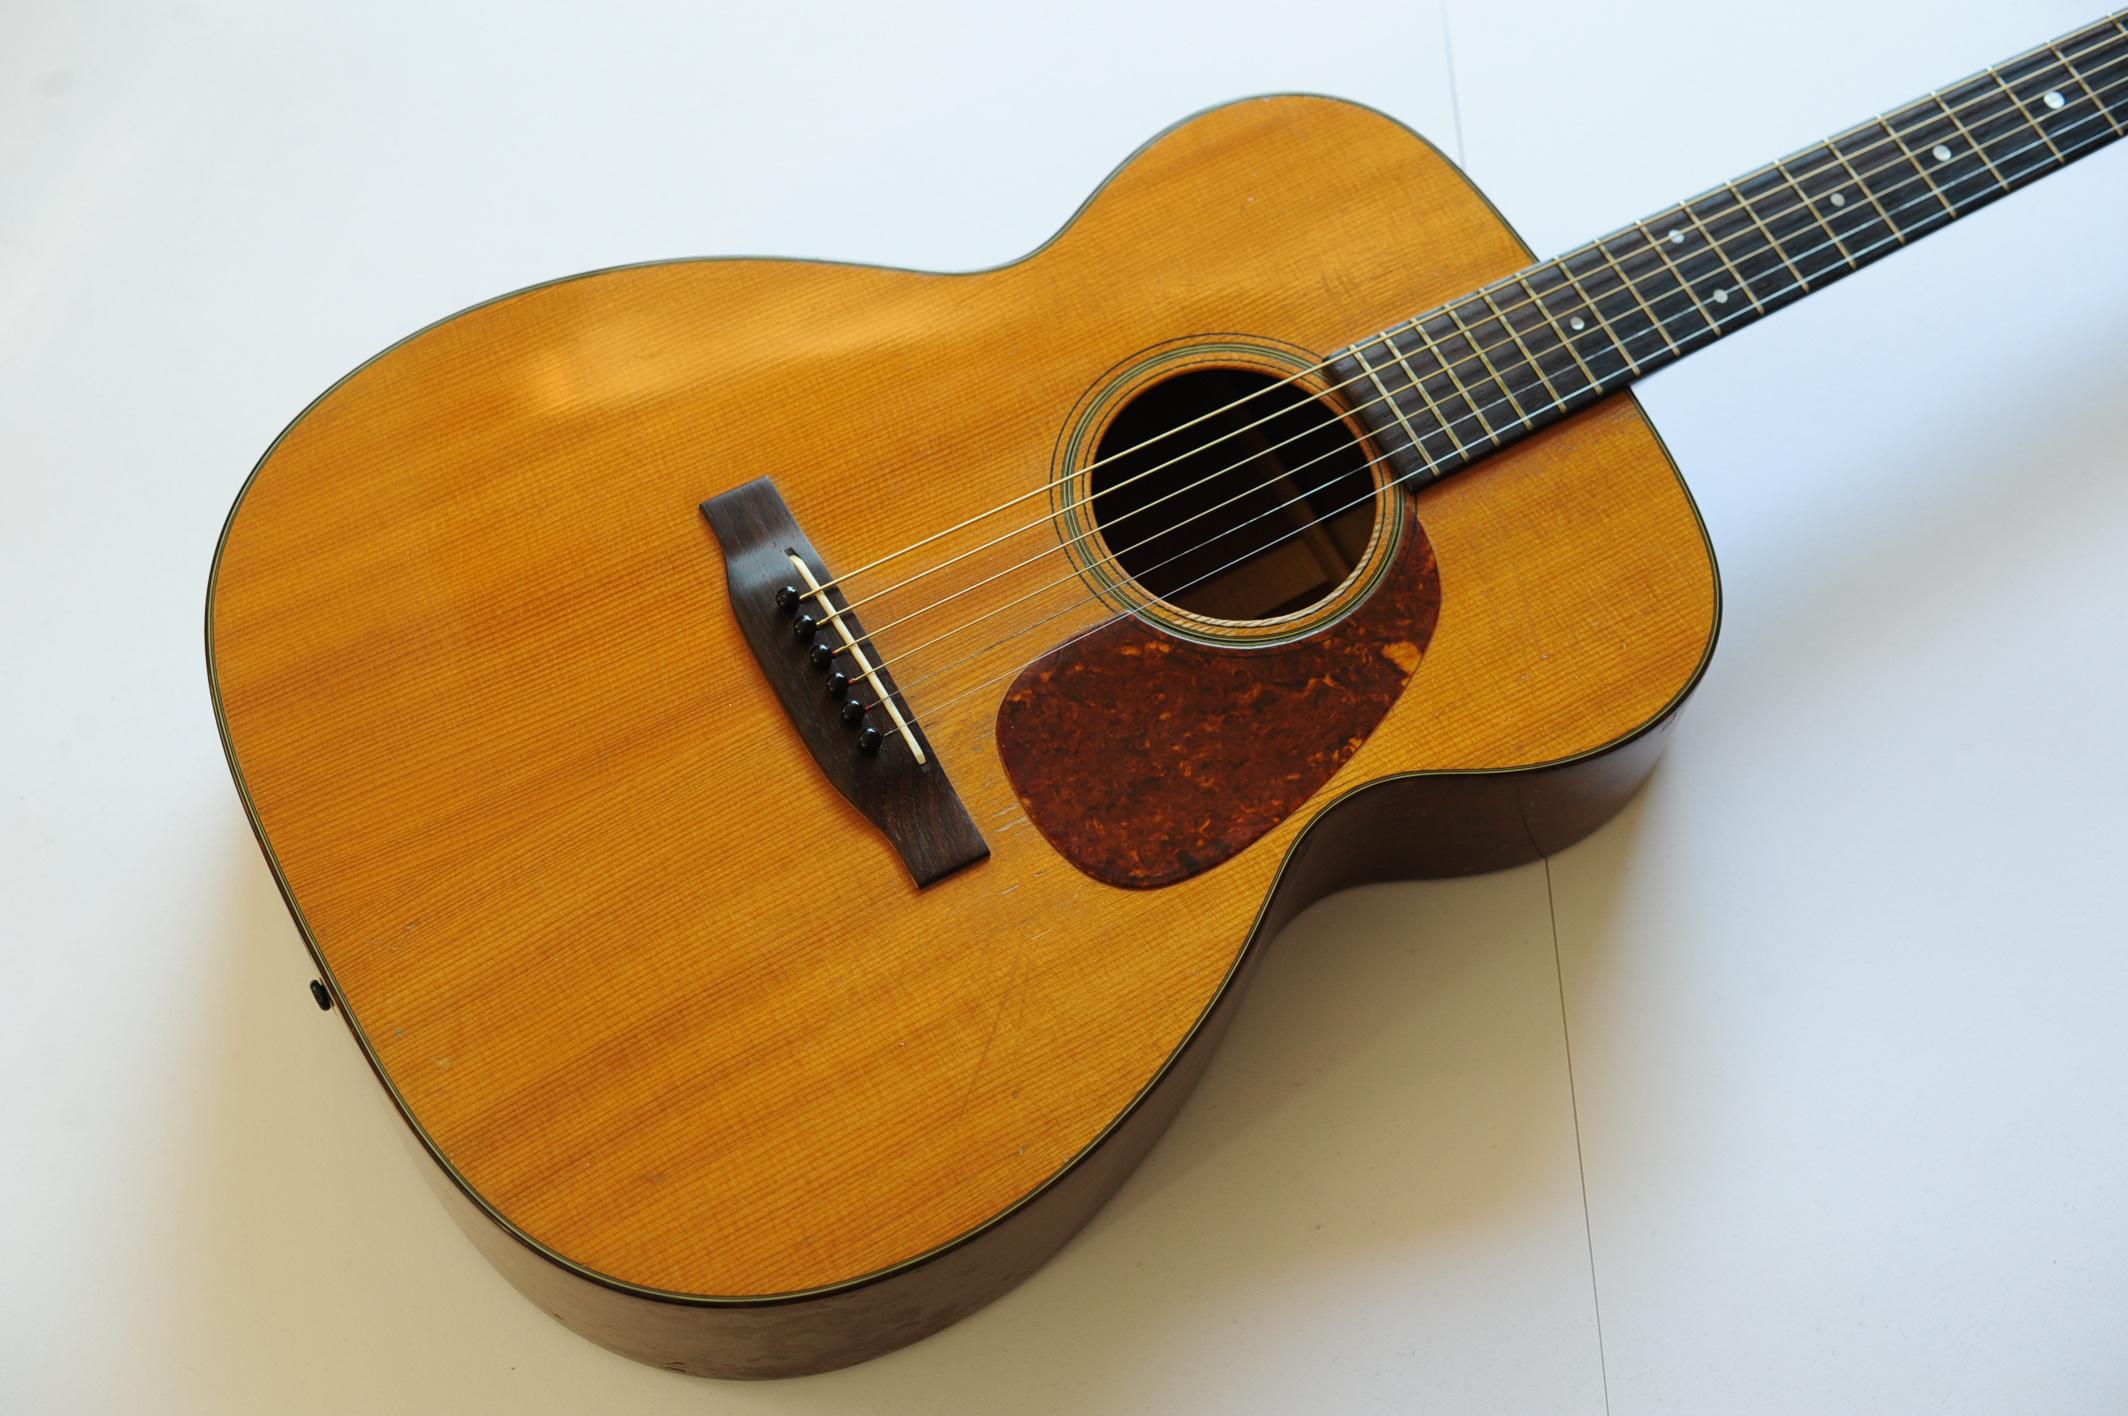 martin 00 18 1956 guitar for sale guitaravenue ltd. Black Bedroom Furniture Sets. Home Design Ideas